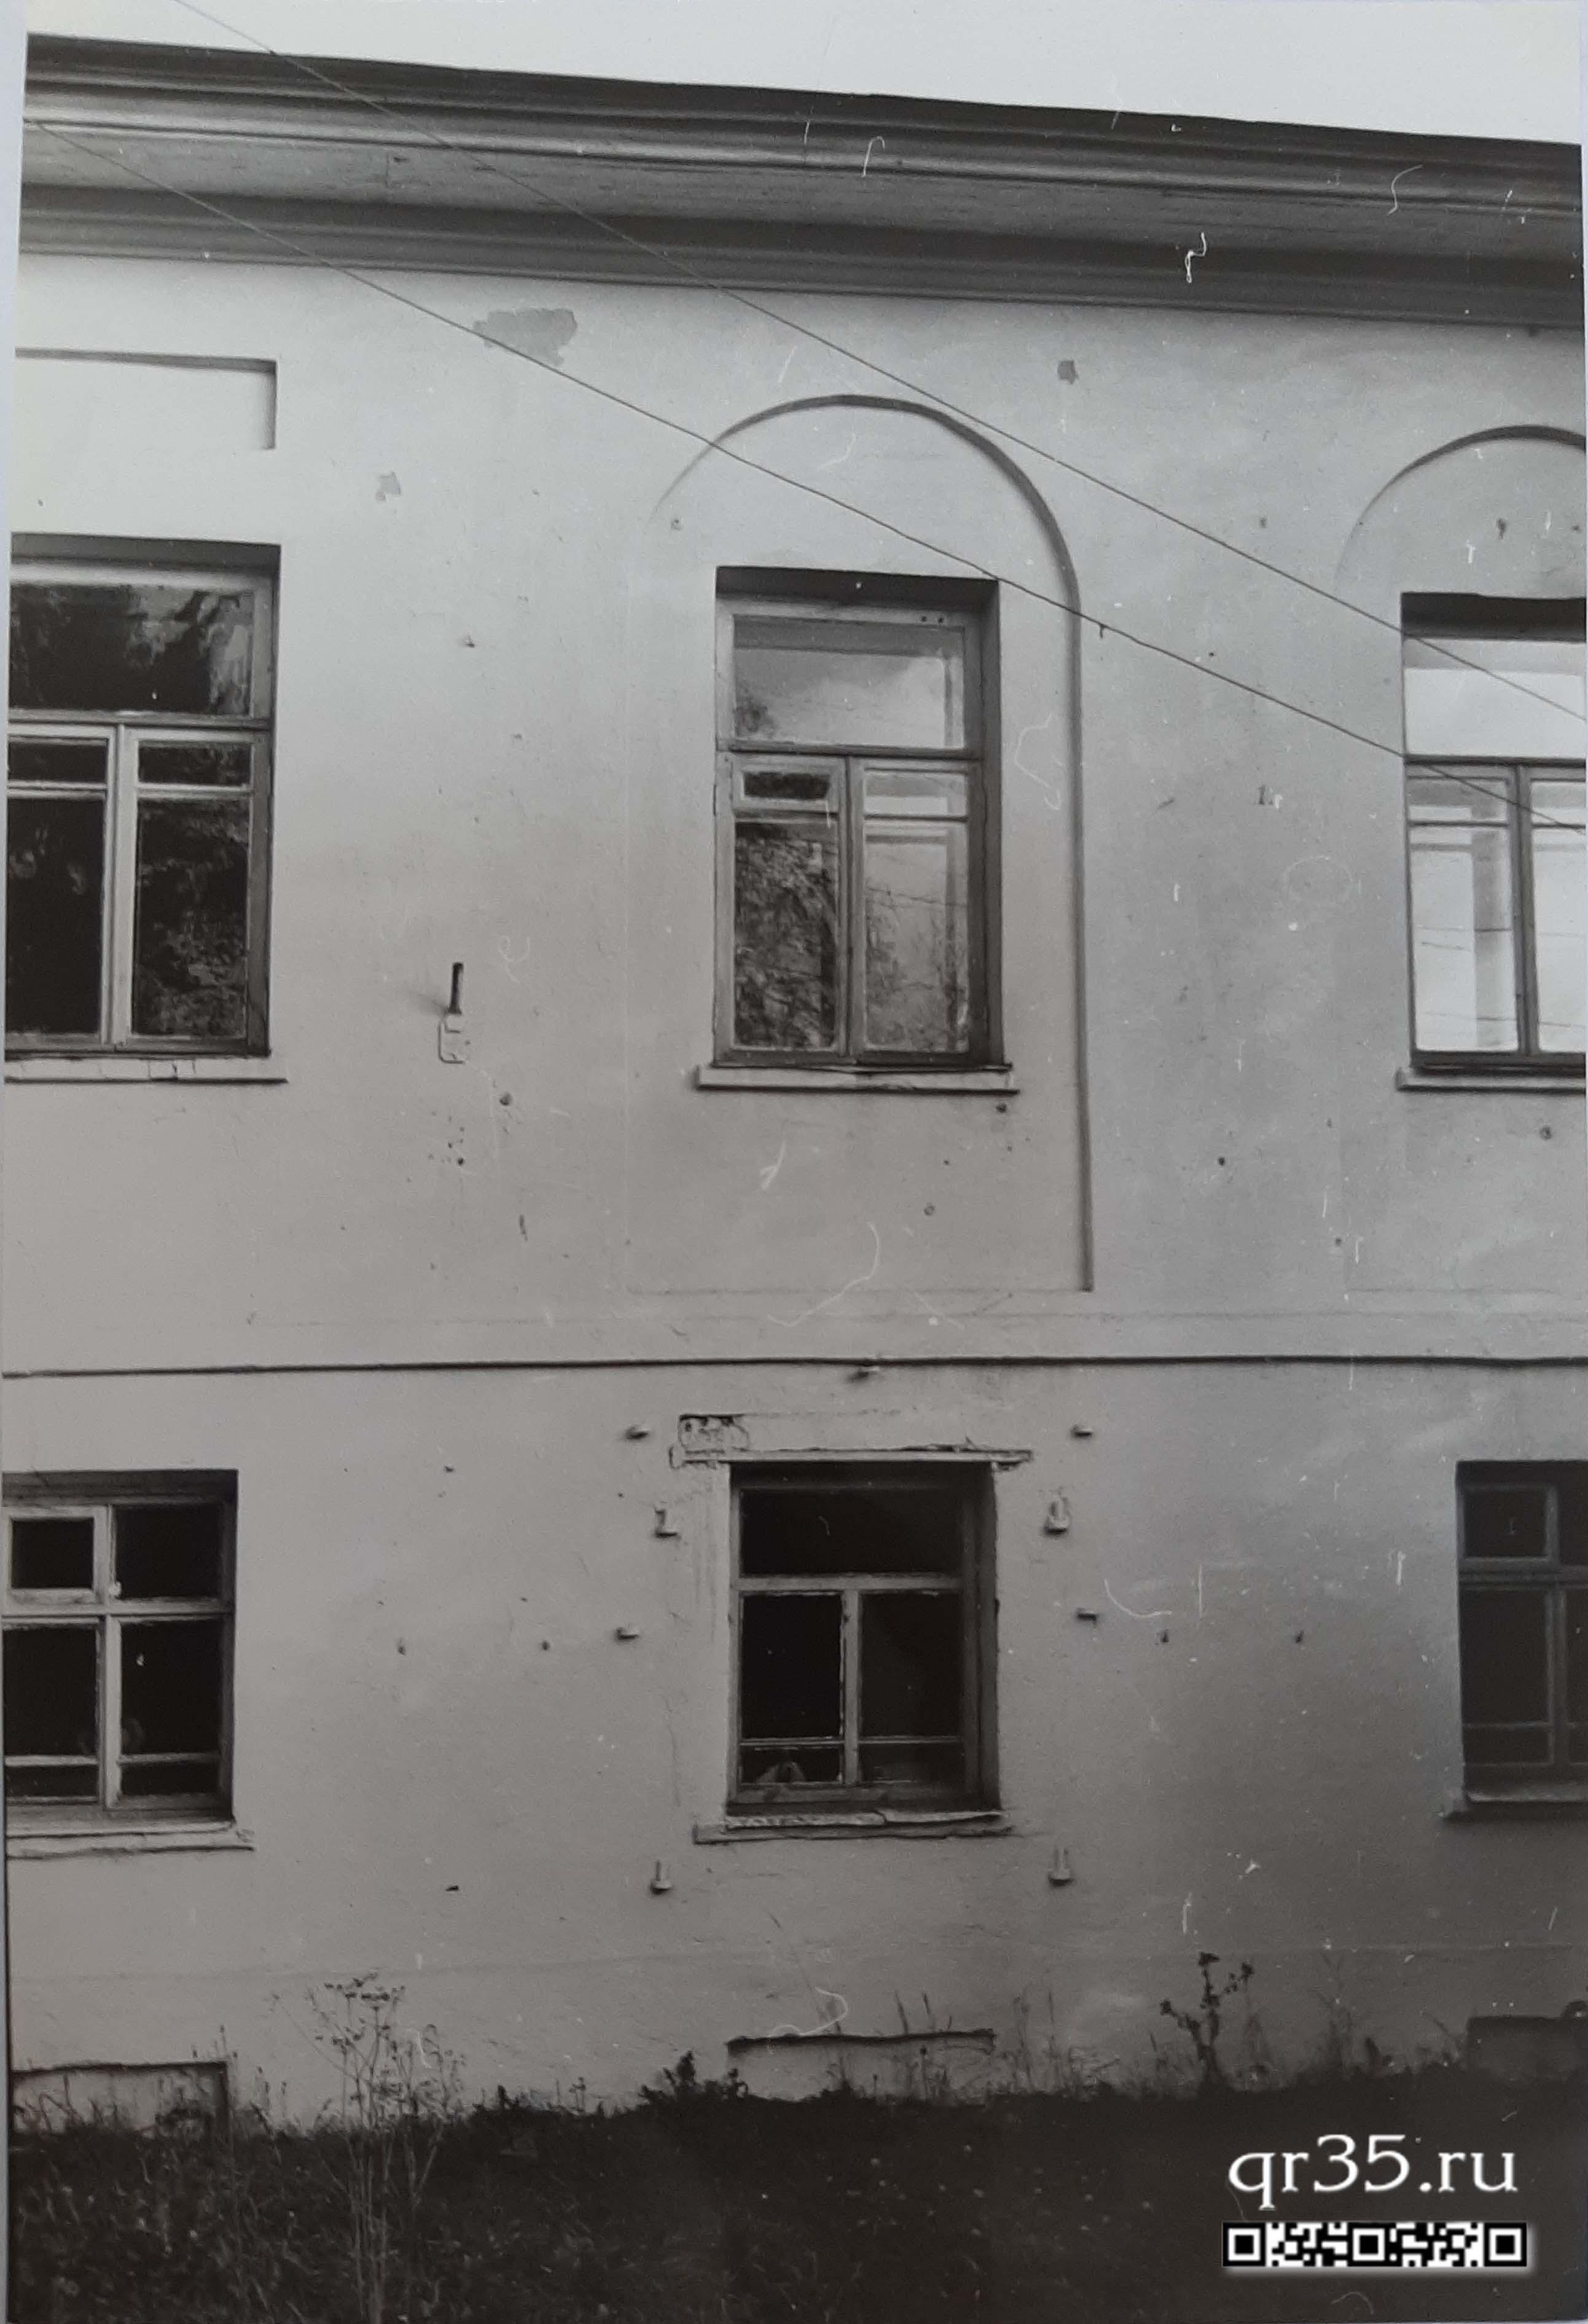 Дом № 64/27 (Дом Реутовых)